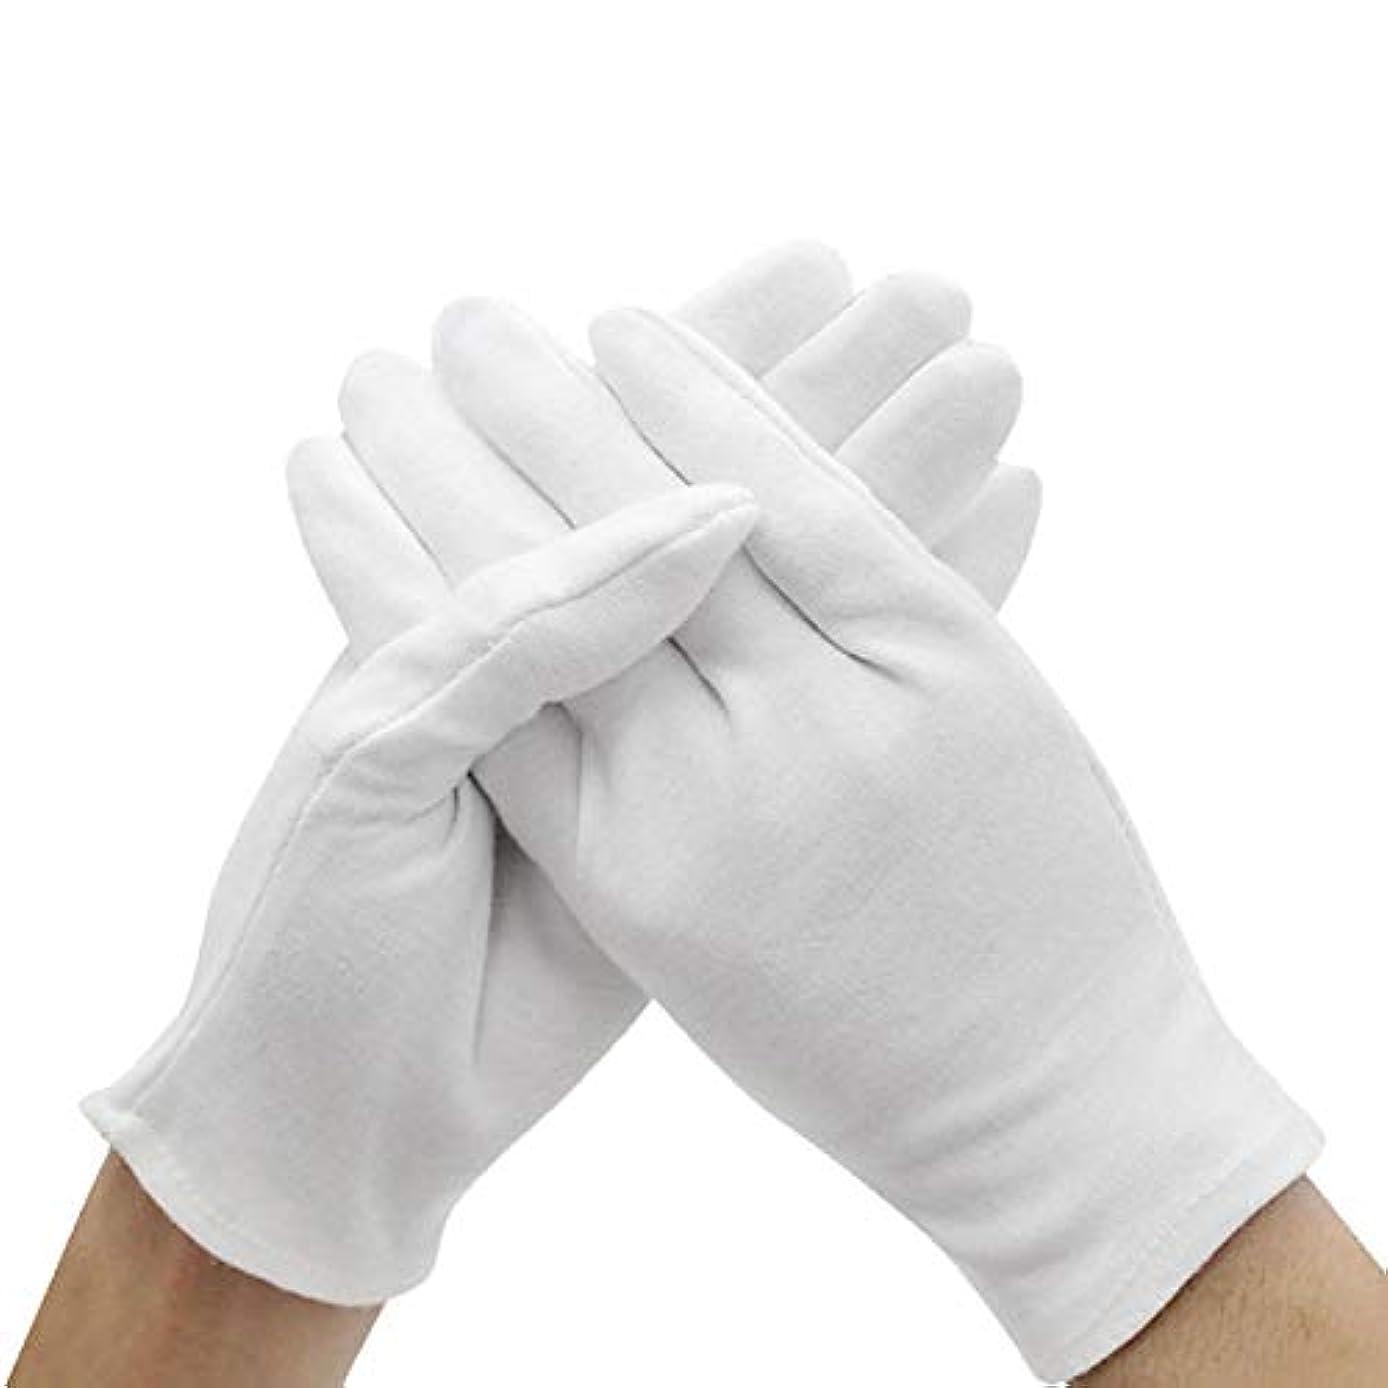 キュービックシャックル位置づけるコットン手袋 綿 手荒れ予防 【湿疹用 乾燥肌用 保湿用 礼装用】純綿100% 白手袋 作業用 インナー手袋,ワンサイズ,エチケットの機会